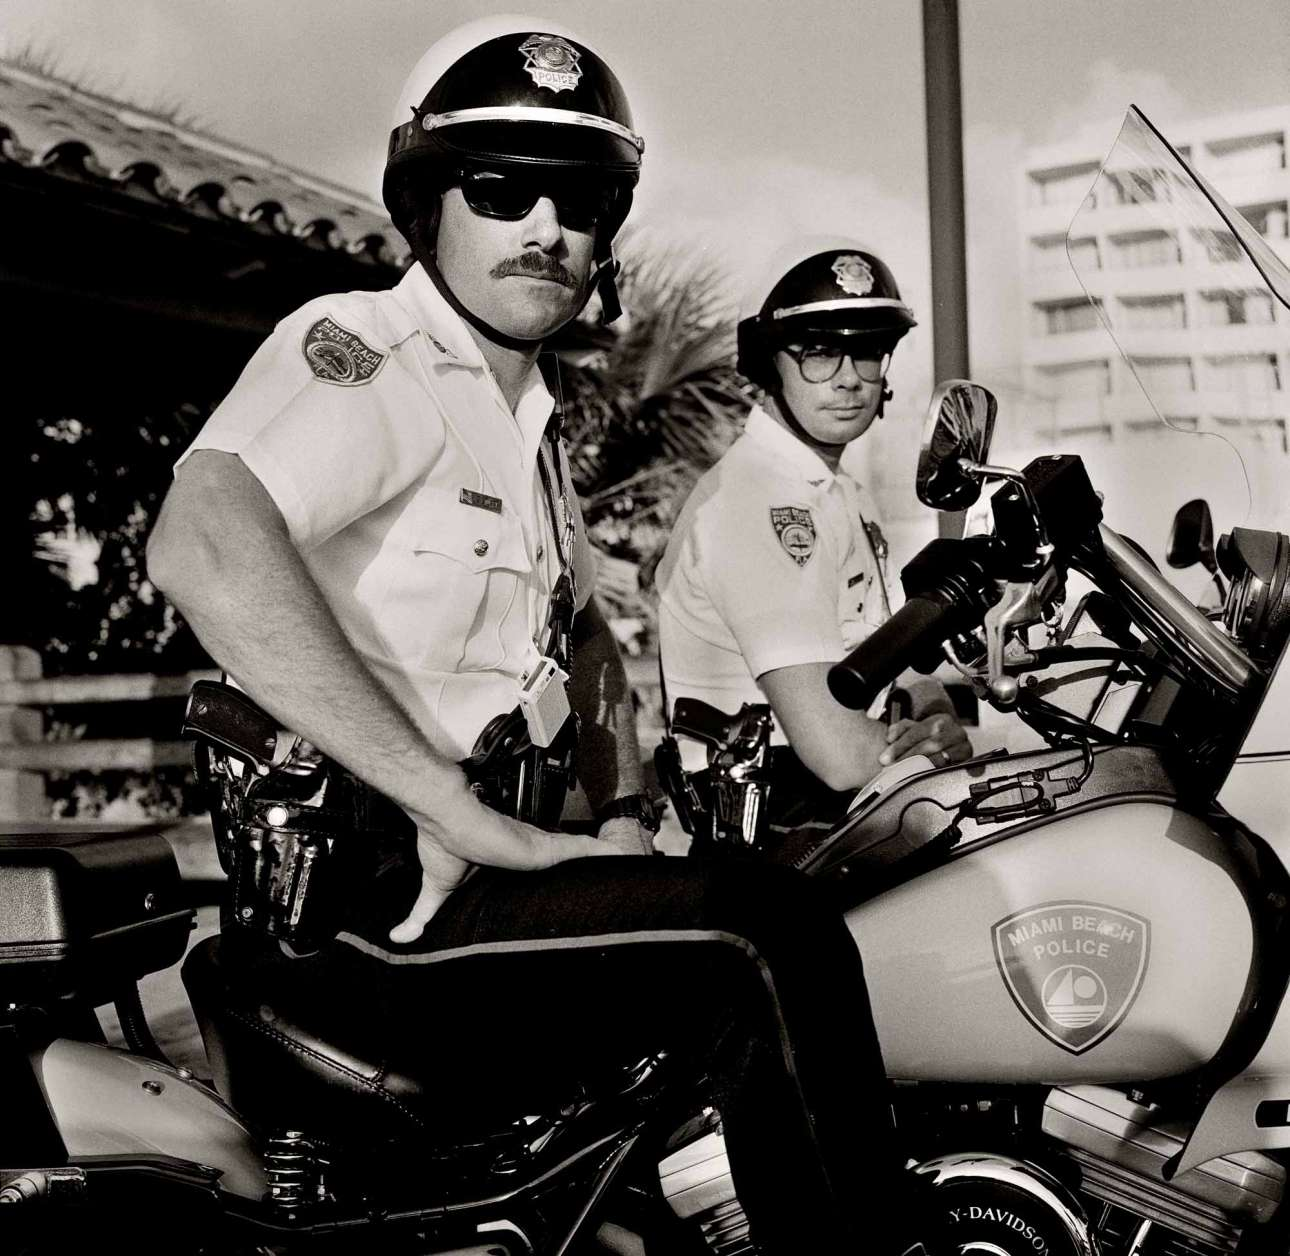 Λεωφόρος Κόλινς, Σάουθ Μπιτς, 1989. Στον πρόλογο του βιβλίου ο φωτογράφος και συγγραφέας Μπιλ Χέιζ δίνει μερικά ιστορικά στοιχεία για το Μαϊάμι και την εγκληματικότητά του: «Στα μέσα της δεκαετίας του 1970, ένας ντόπιος αστυνομικός είχε χαρακτηρίσει το Μαϊάμι το πιο επικίνδυνο μέρος της Γης. Το 25% των θανάτων ήταν από πυρκαγιά, το 15% ήταν δημόσιες εκτελέσεις και η πλειονότητα είχε να κάνει με τα ναρκωτικά. Η λευκή μεσαία τάξη της Αμερικής είχε ερωτευτεί την κοκαΐνη και το 80% του προϊόντος έφθανε μέσω του Μαϊάμι, κάτι που είχε ως αποτέλεσμα τον πόλεμο μεταξύ των ναρκέμπορων»